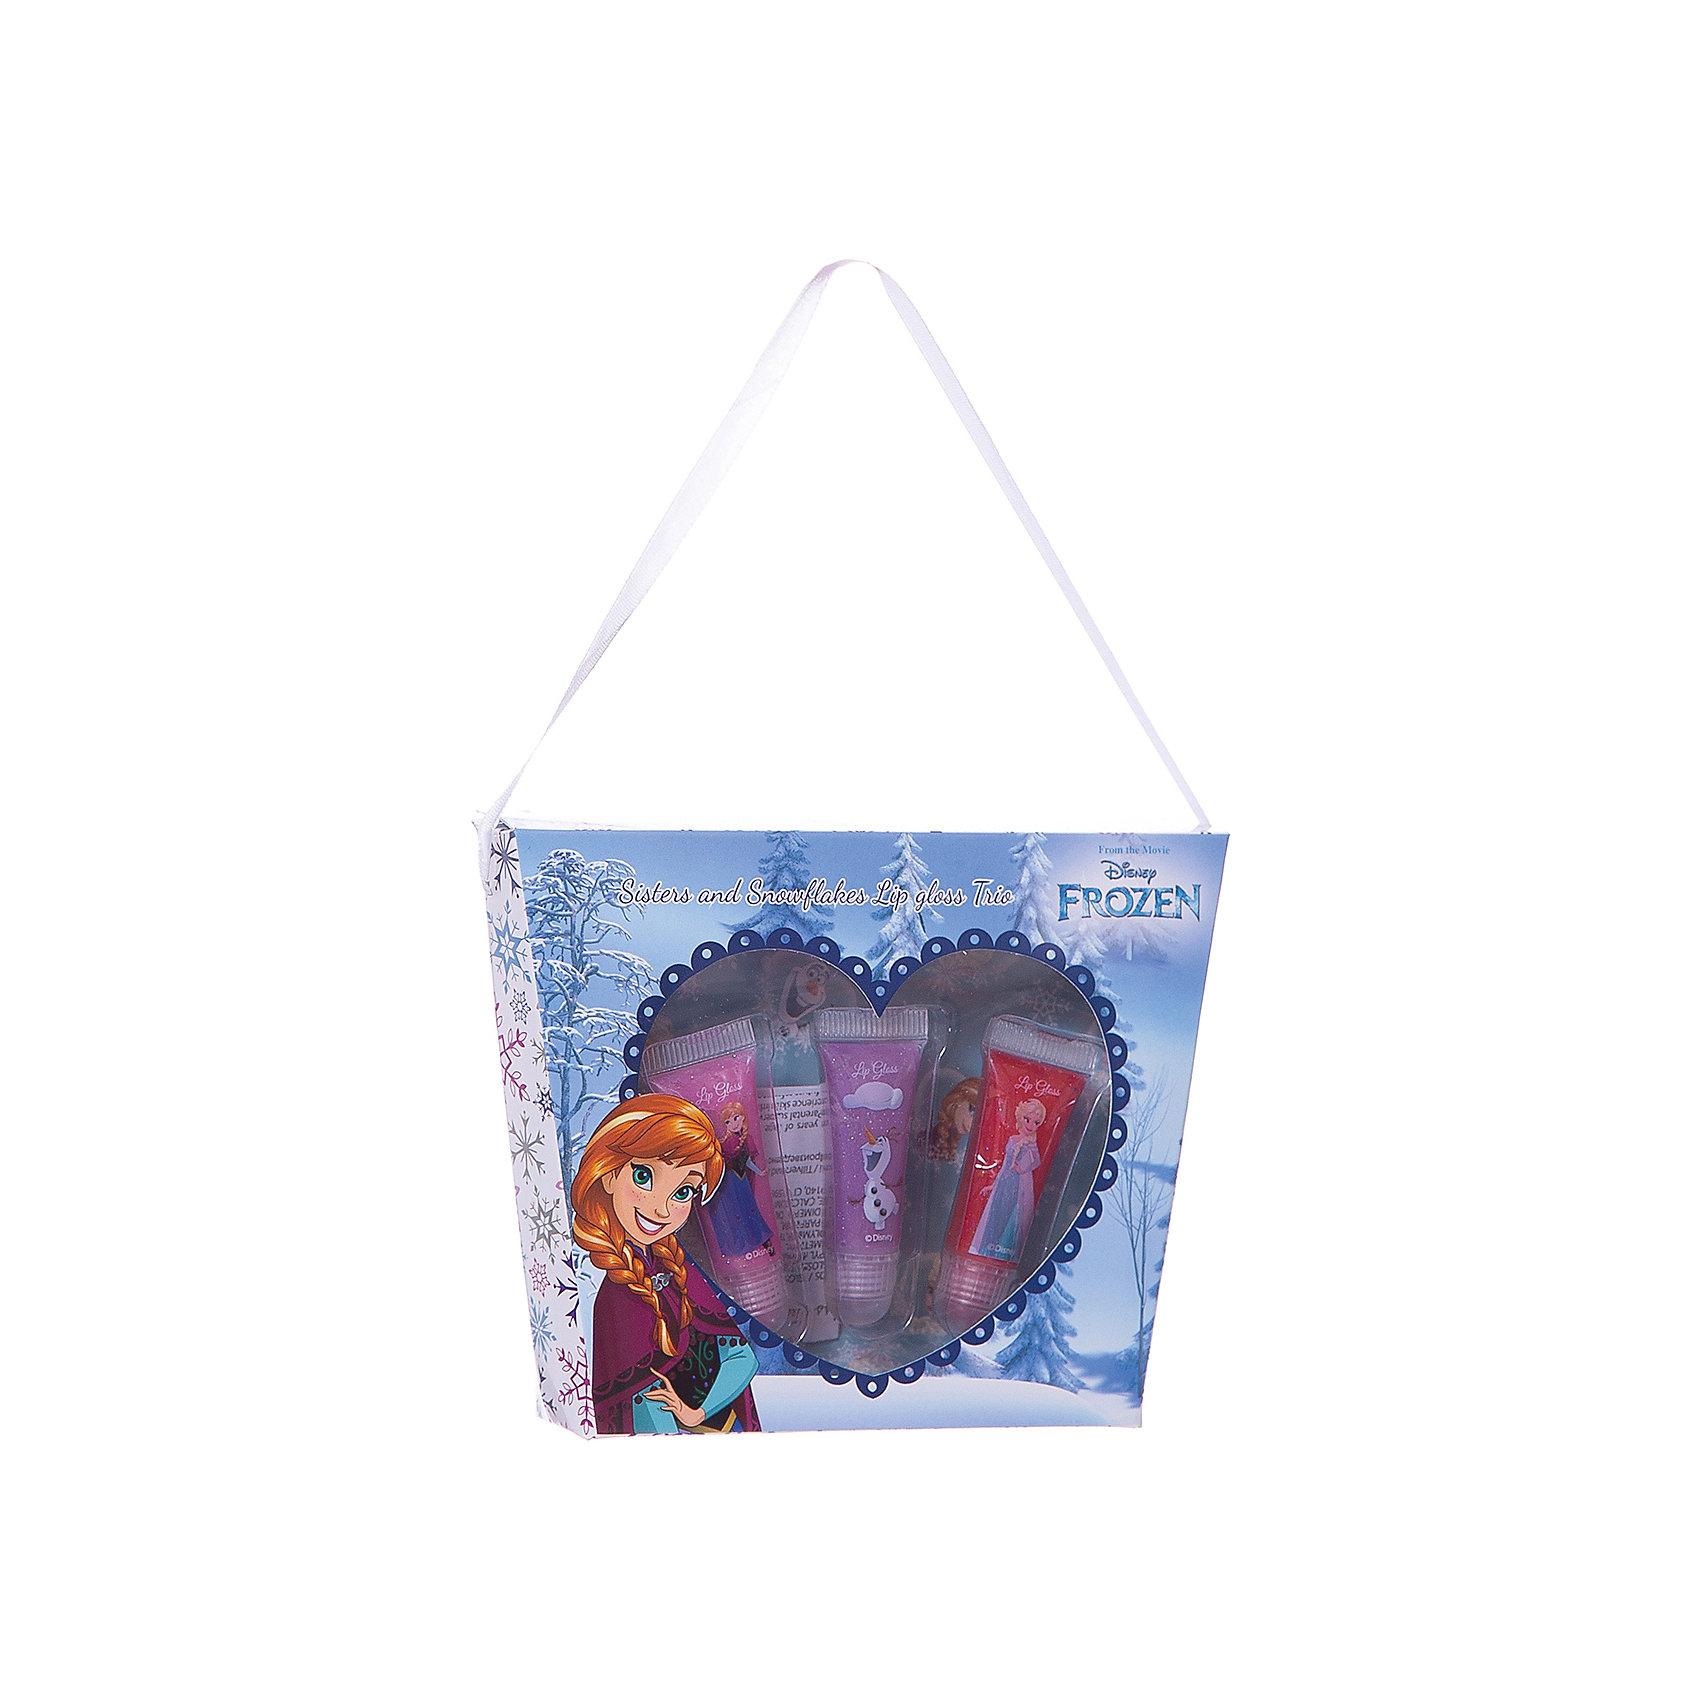 Markwins Игровой набор детской декоративной косметики Анна, Холодное сердце winx club набор детской декоративной косметики радужное сияние